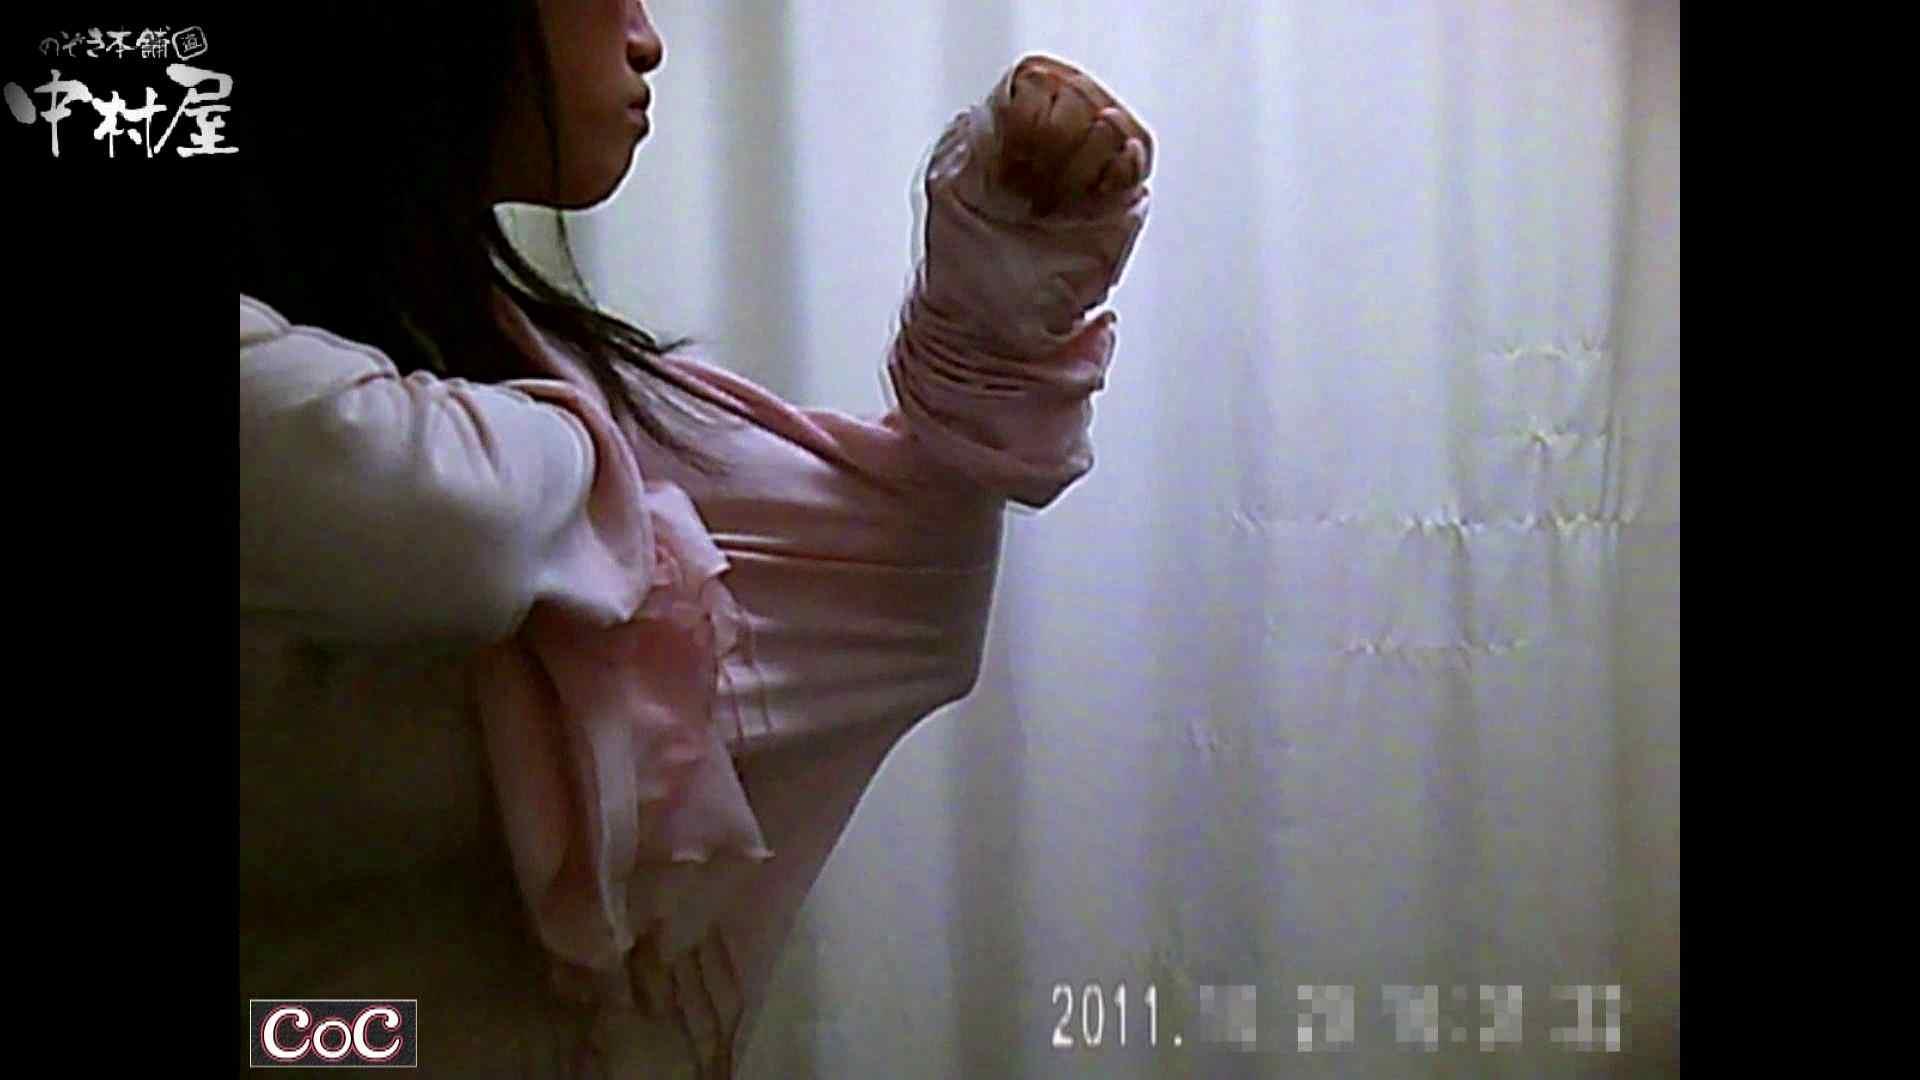 Doctor-X元医者による反抗vol.63 美しいOLの裸体  96pic 60